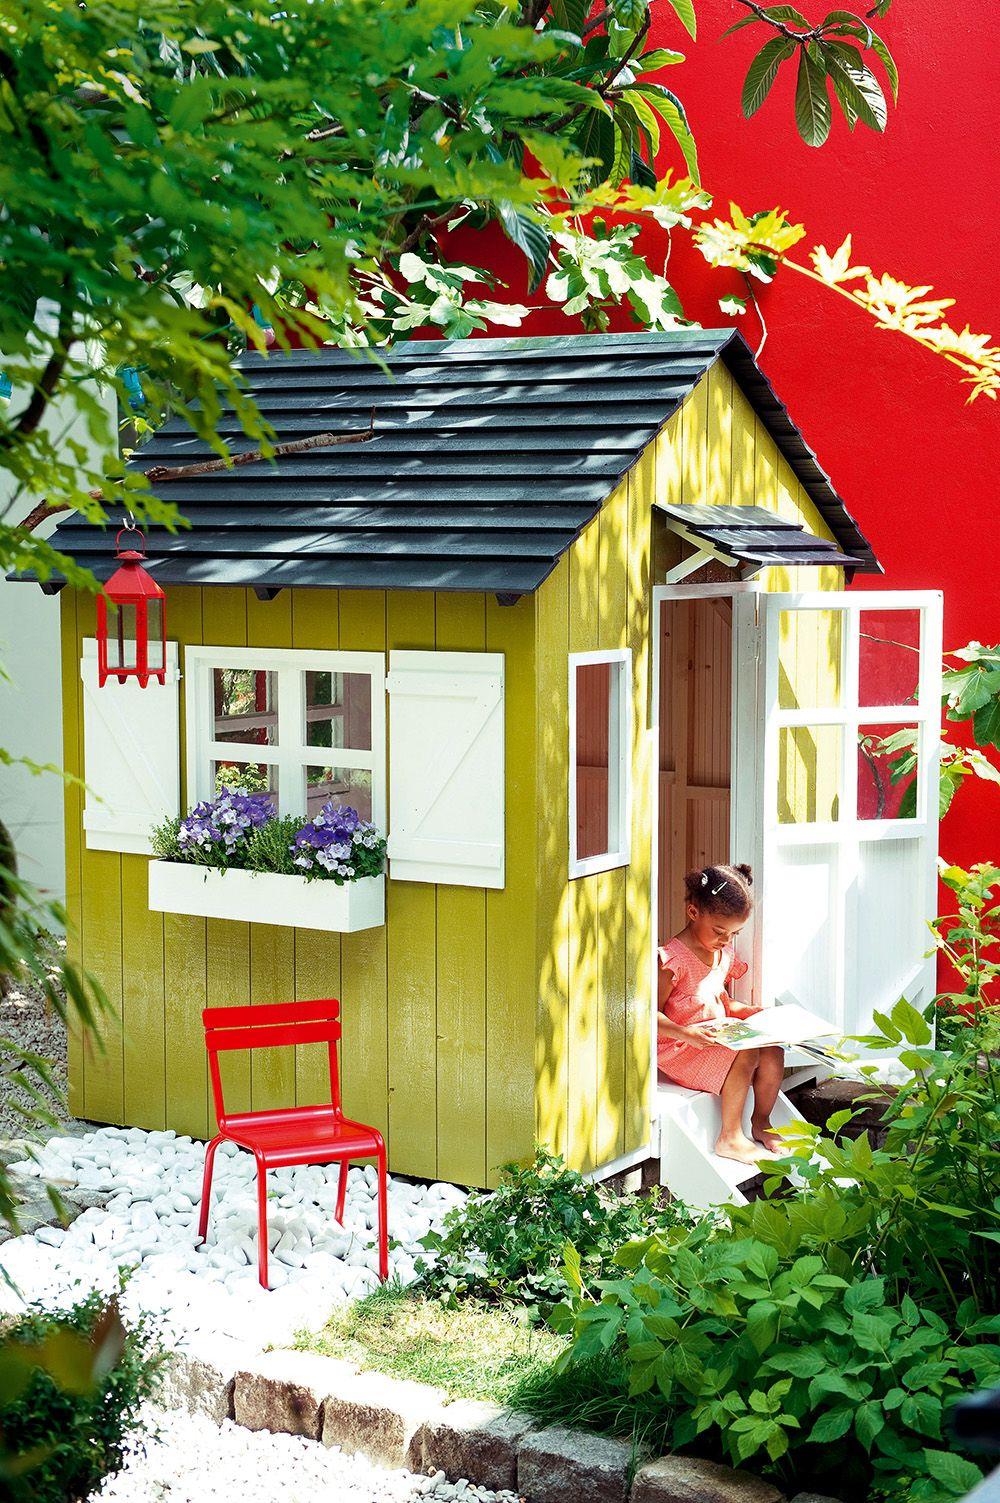 16 Idées Pour Fabriquer Une Cabane De Jardin | Cabane Jardin ... avec Construire Une Cabane De Jardin